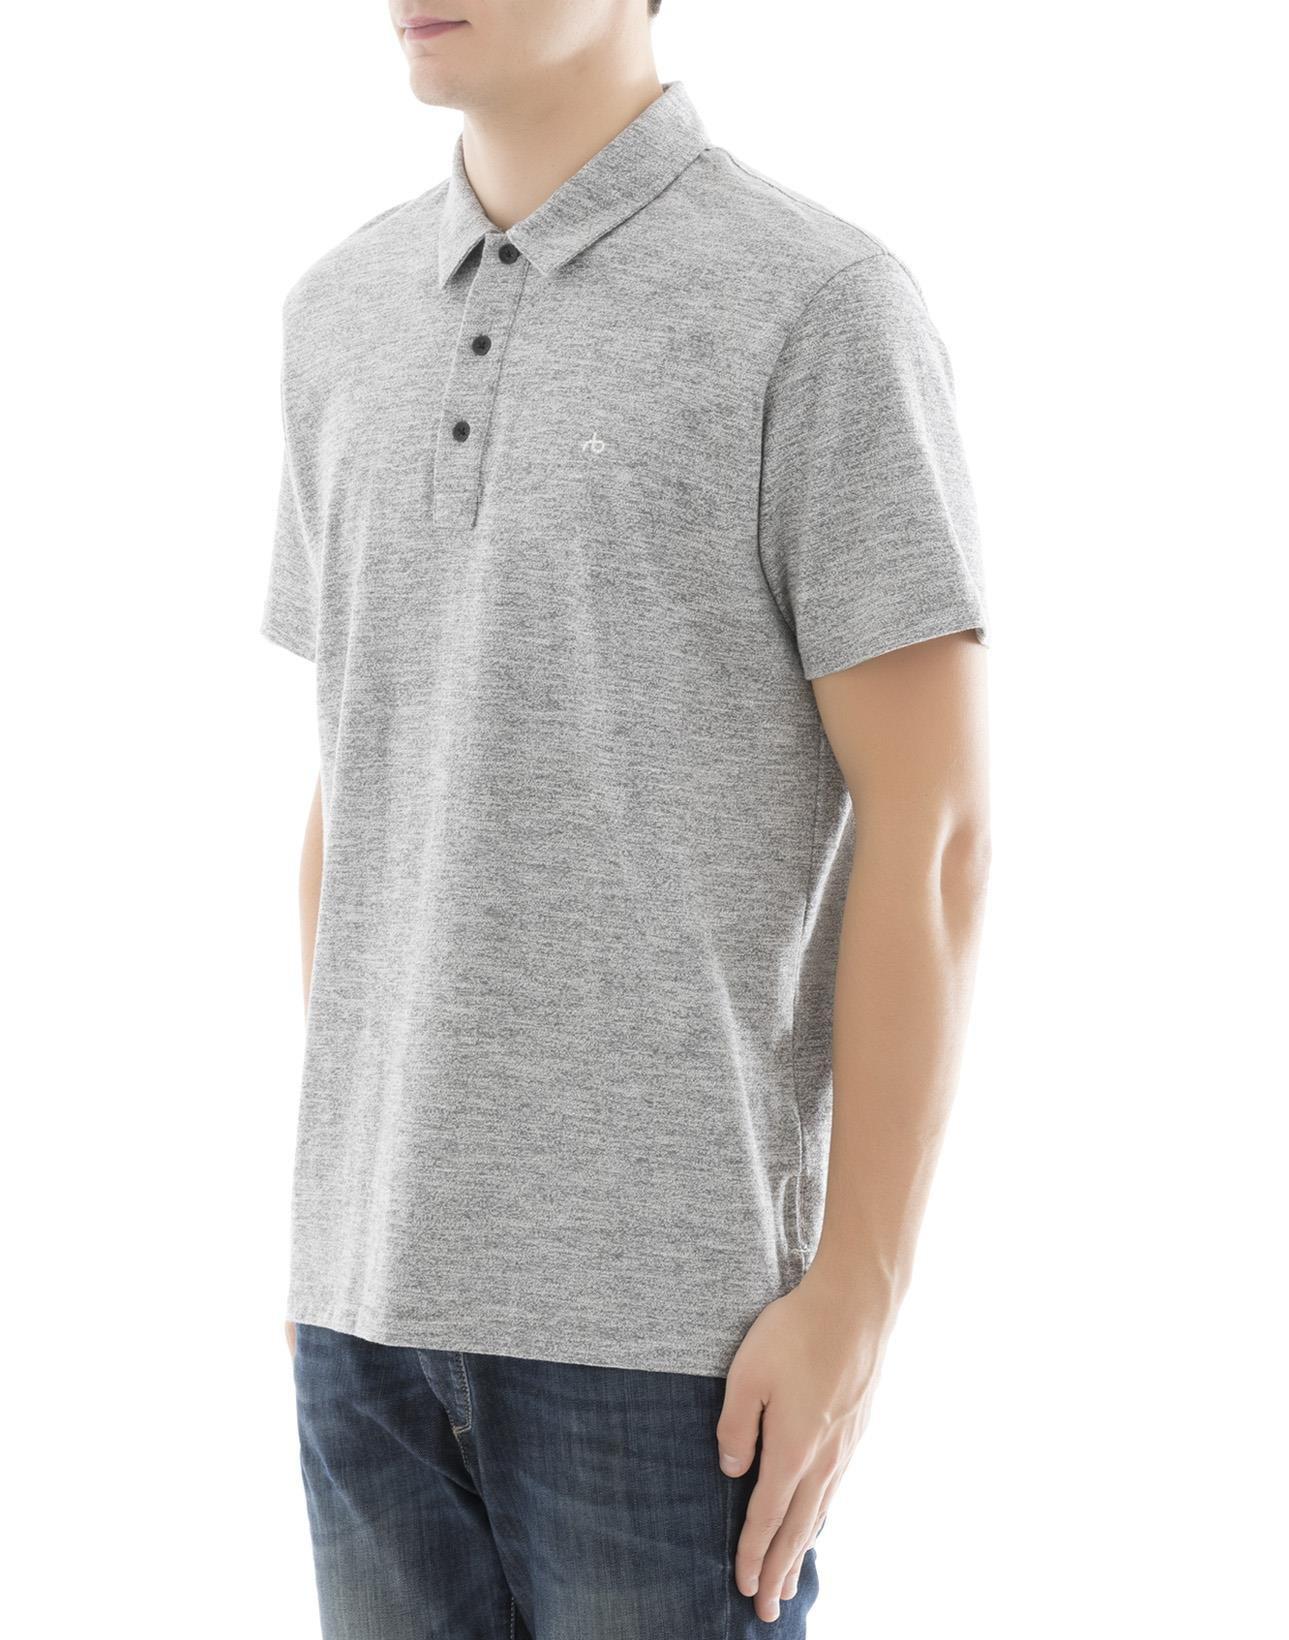 rag & bone Men's M000t076c030 Grey Cotton Polo Shirt by rag & bone (Image #2)